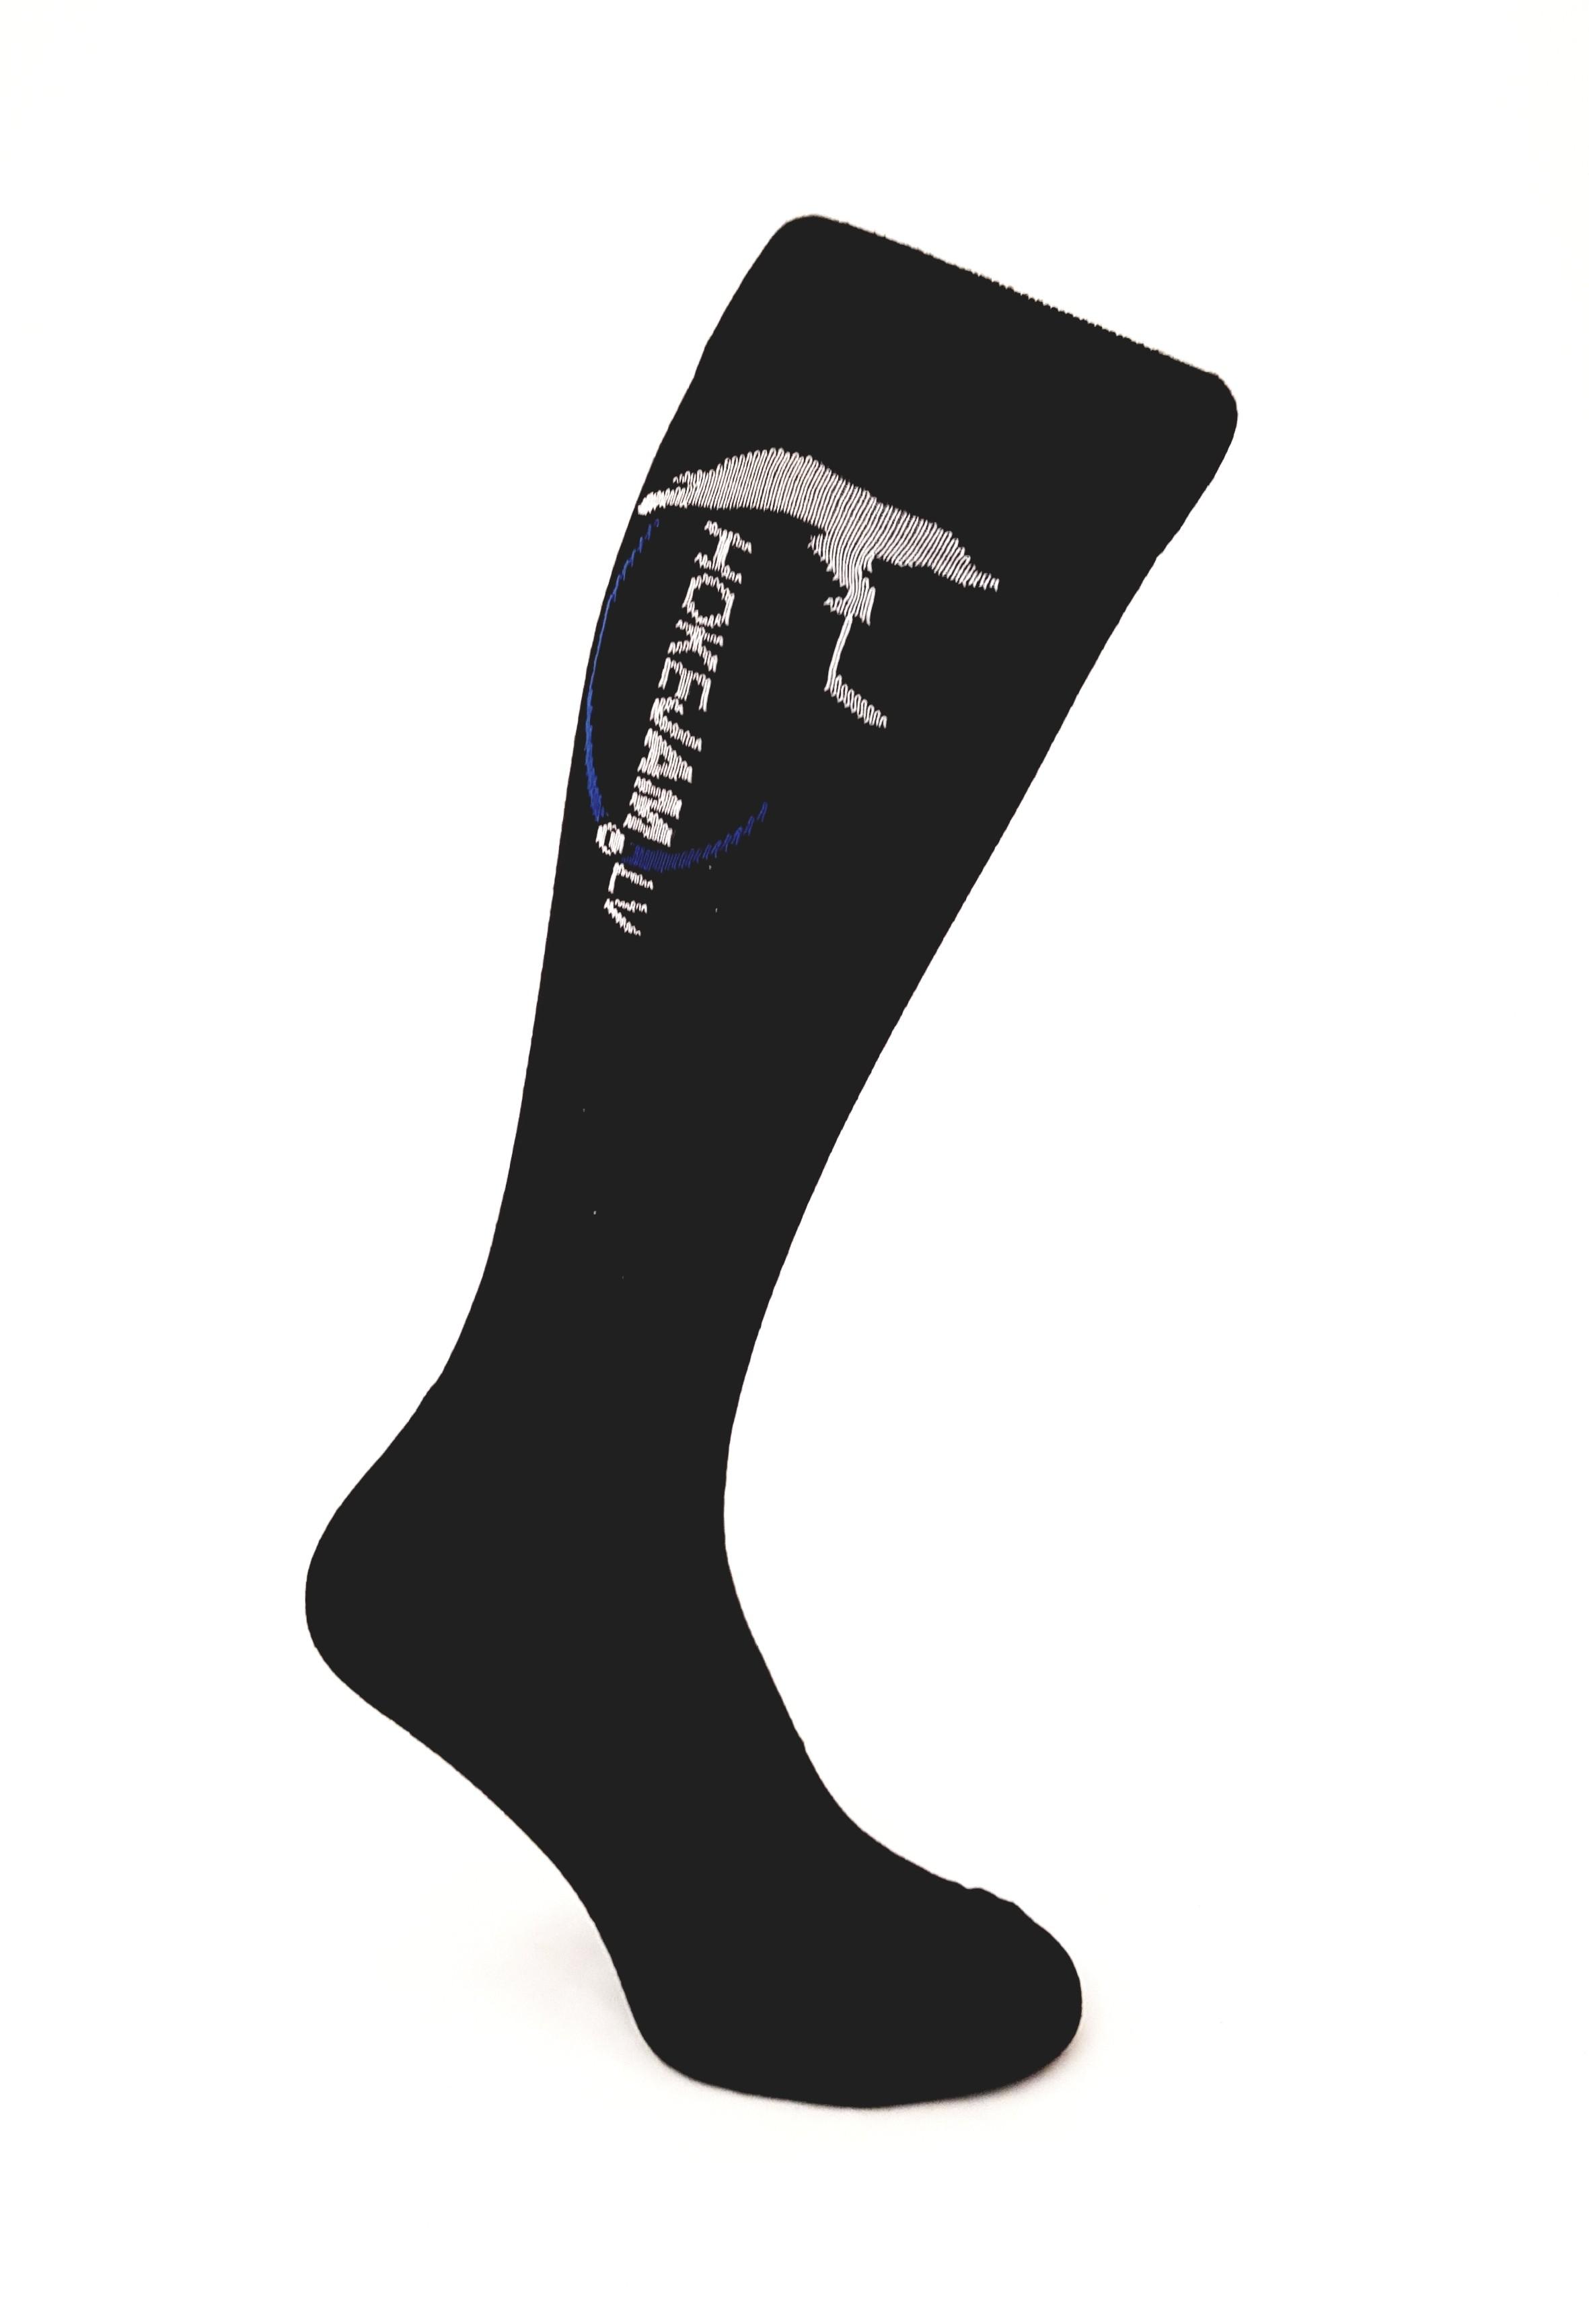 HOKEJAM.LV Senior Long Skate Socks